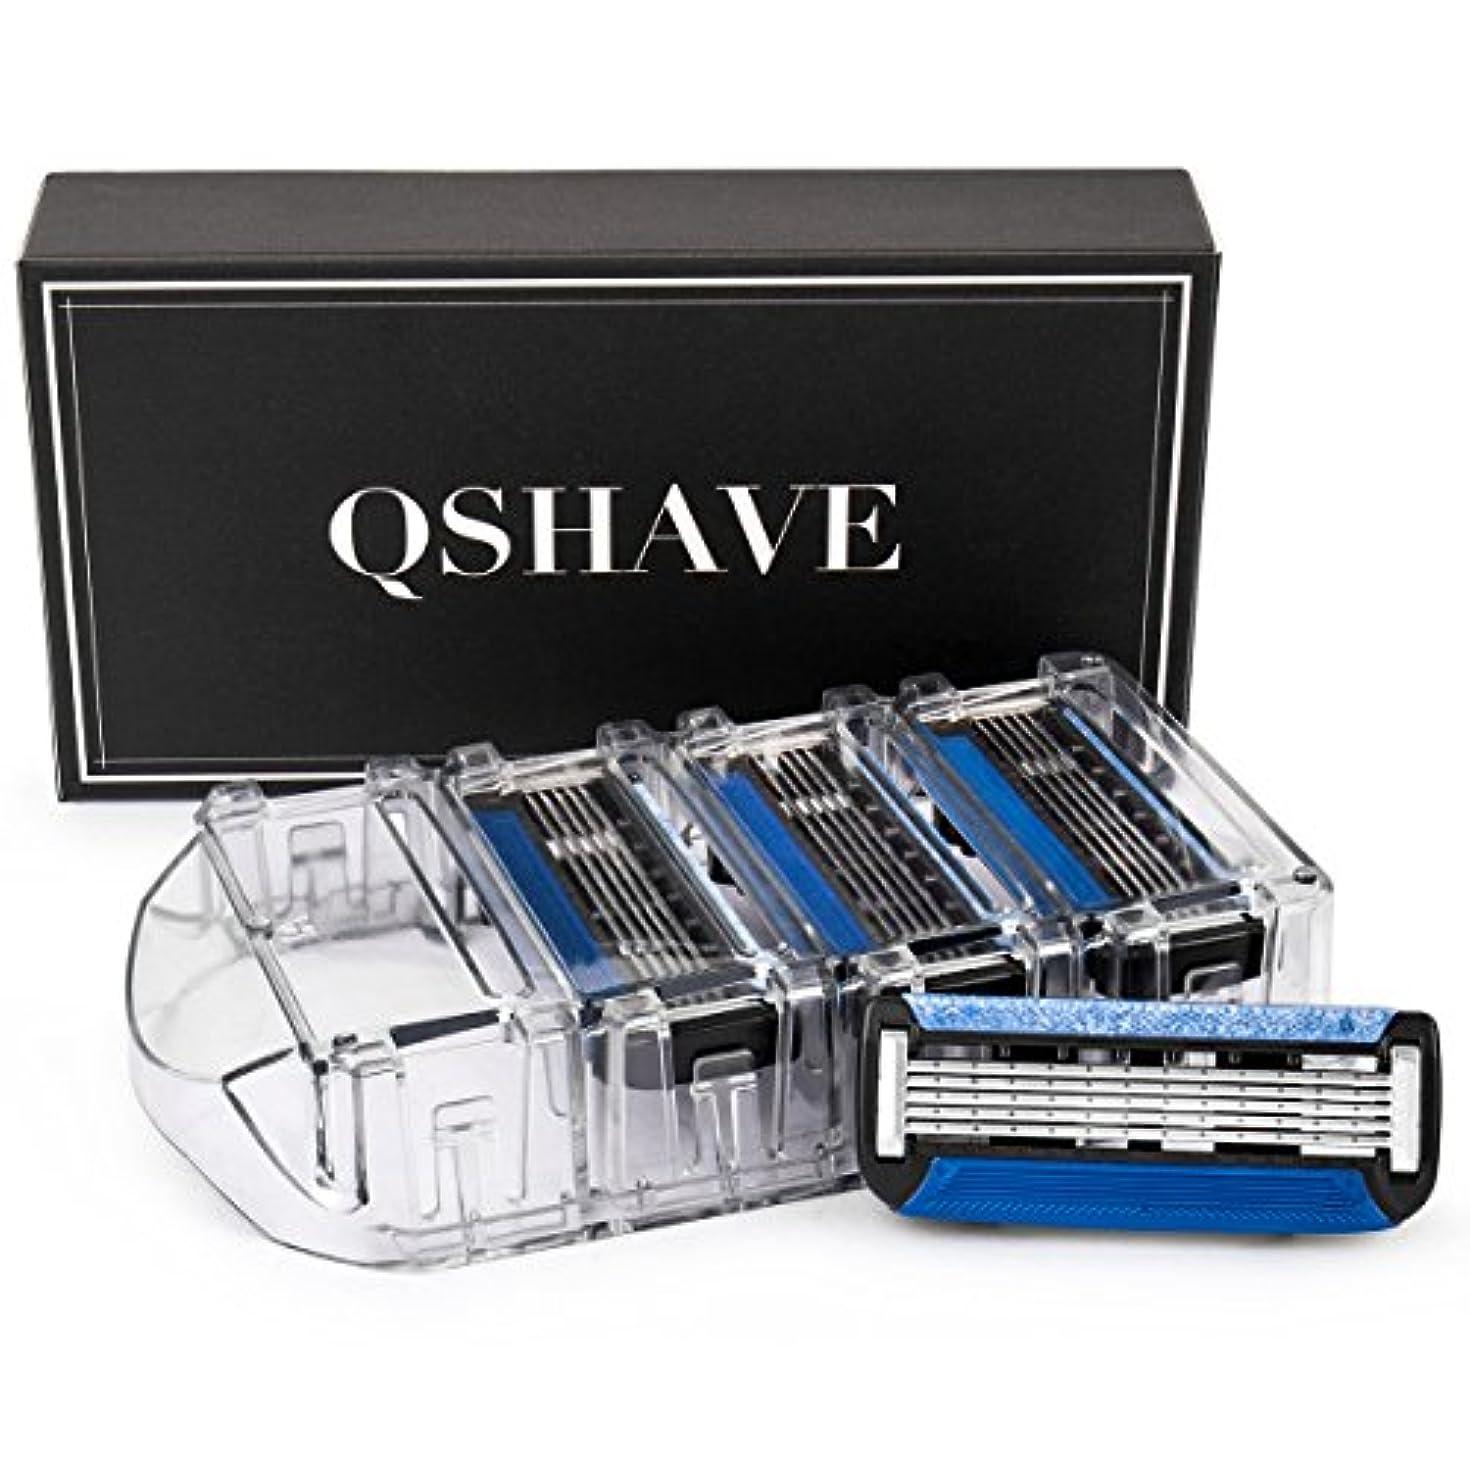 ジャベスウィルソンペイント警官QSHAVEのX5 (5枚刃) カミソリ替刃カートリッジは、トリマーがドイツ製でQSHAVEブラックシリーズのカミソリにお使いいただけます。 (8つ入り)